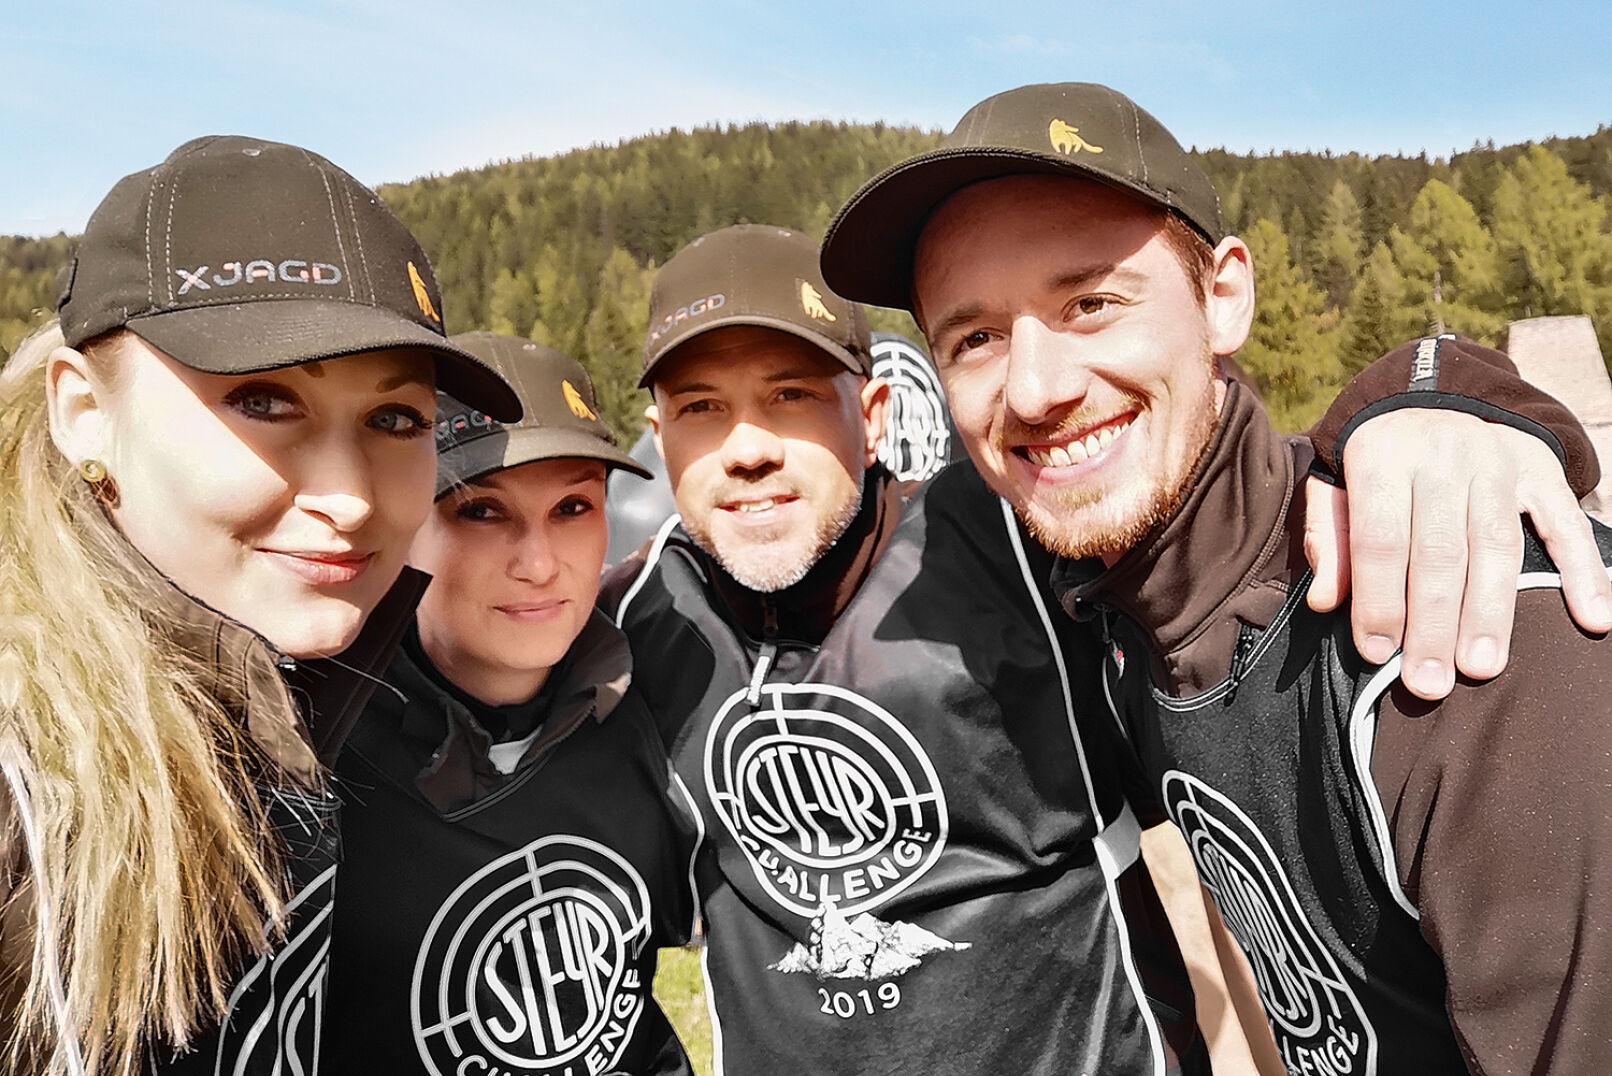 Redaktionsselfie! V. l. n. r.: Michi, Barbara, Martin und Oliver - © Michaela Landbauer